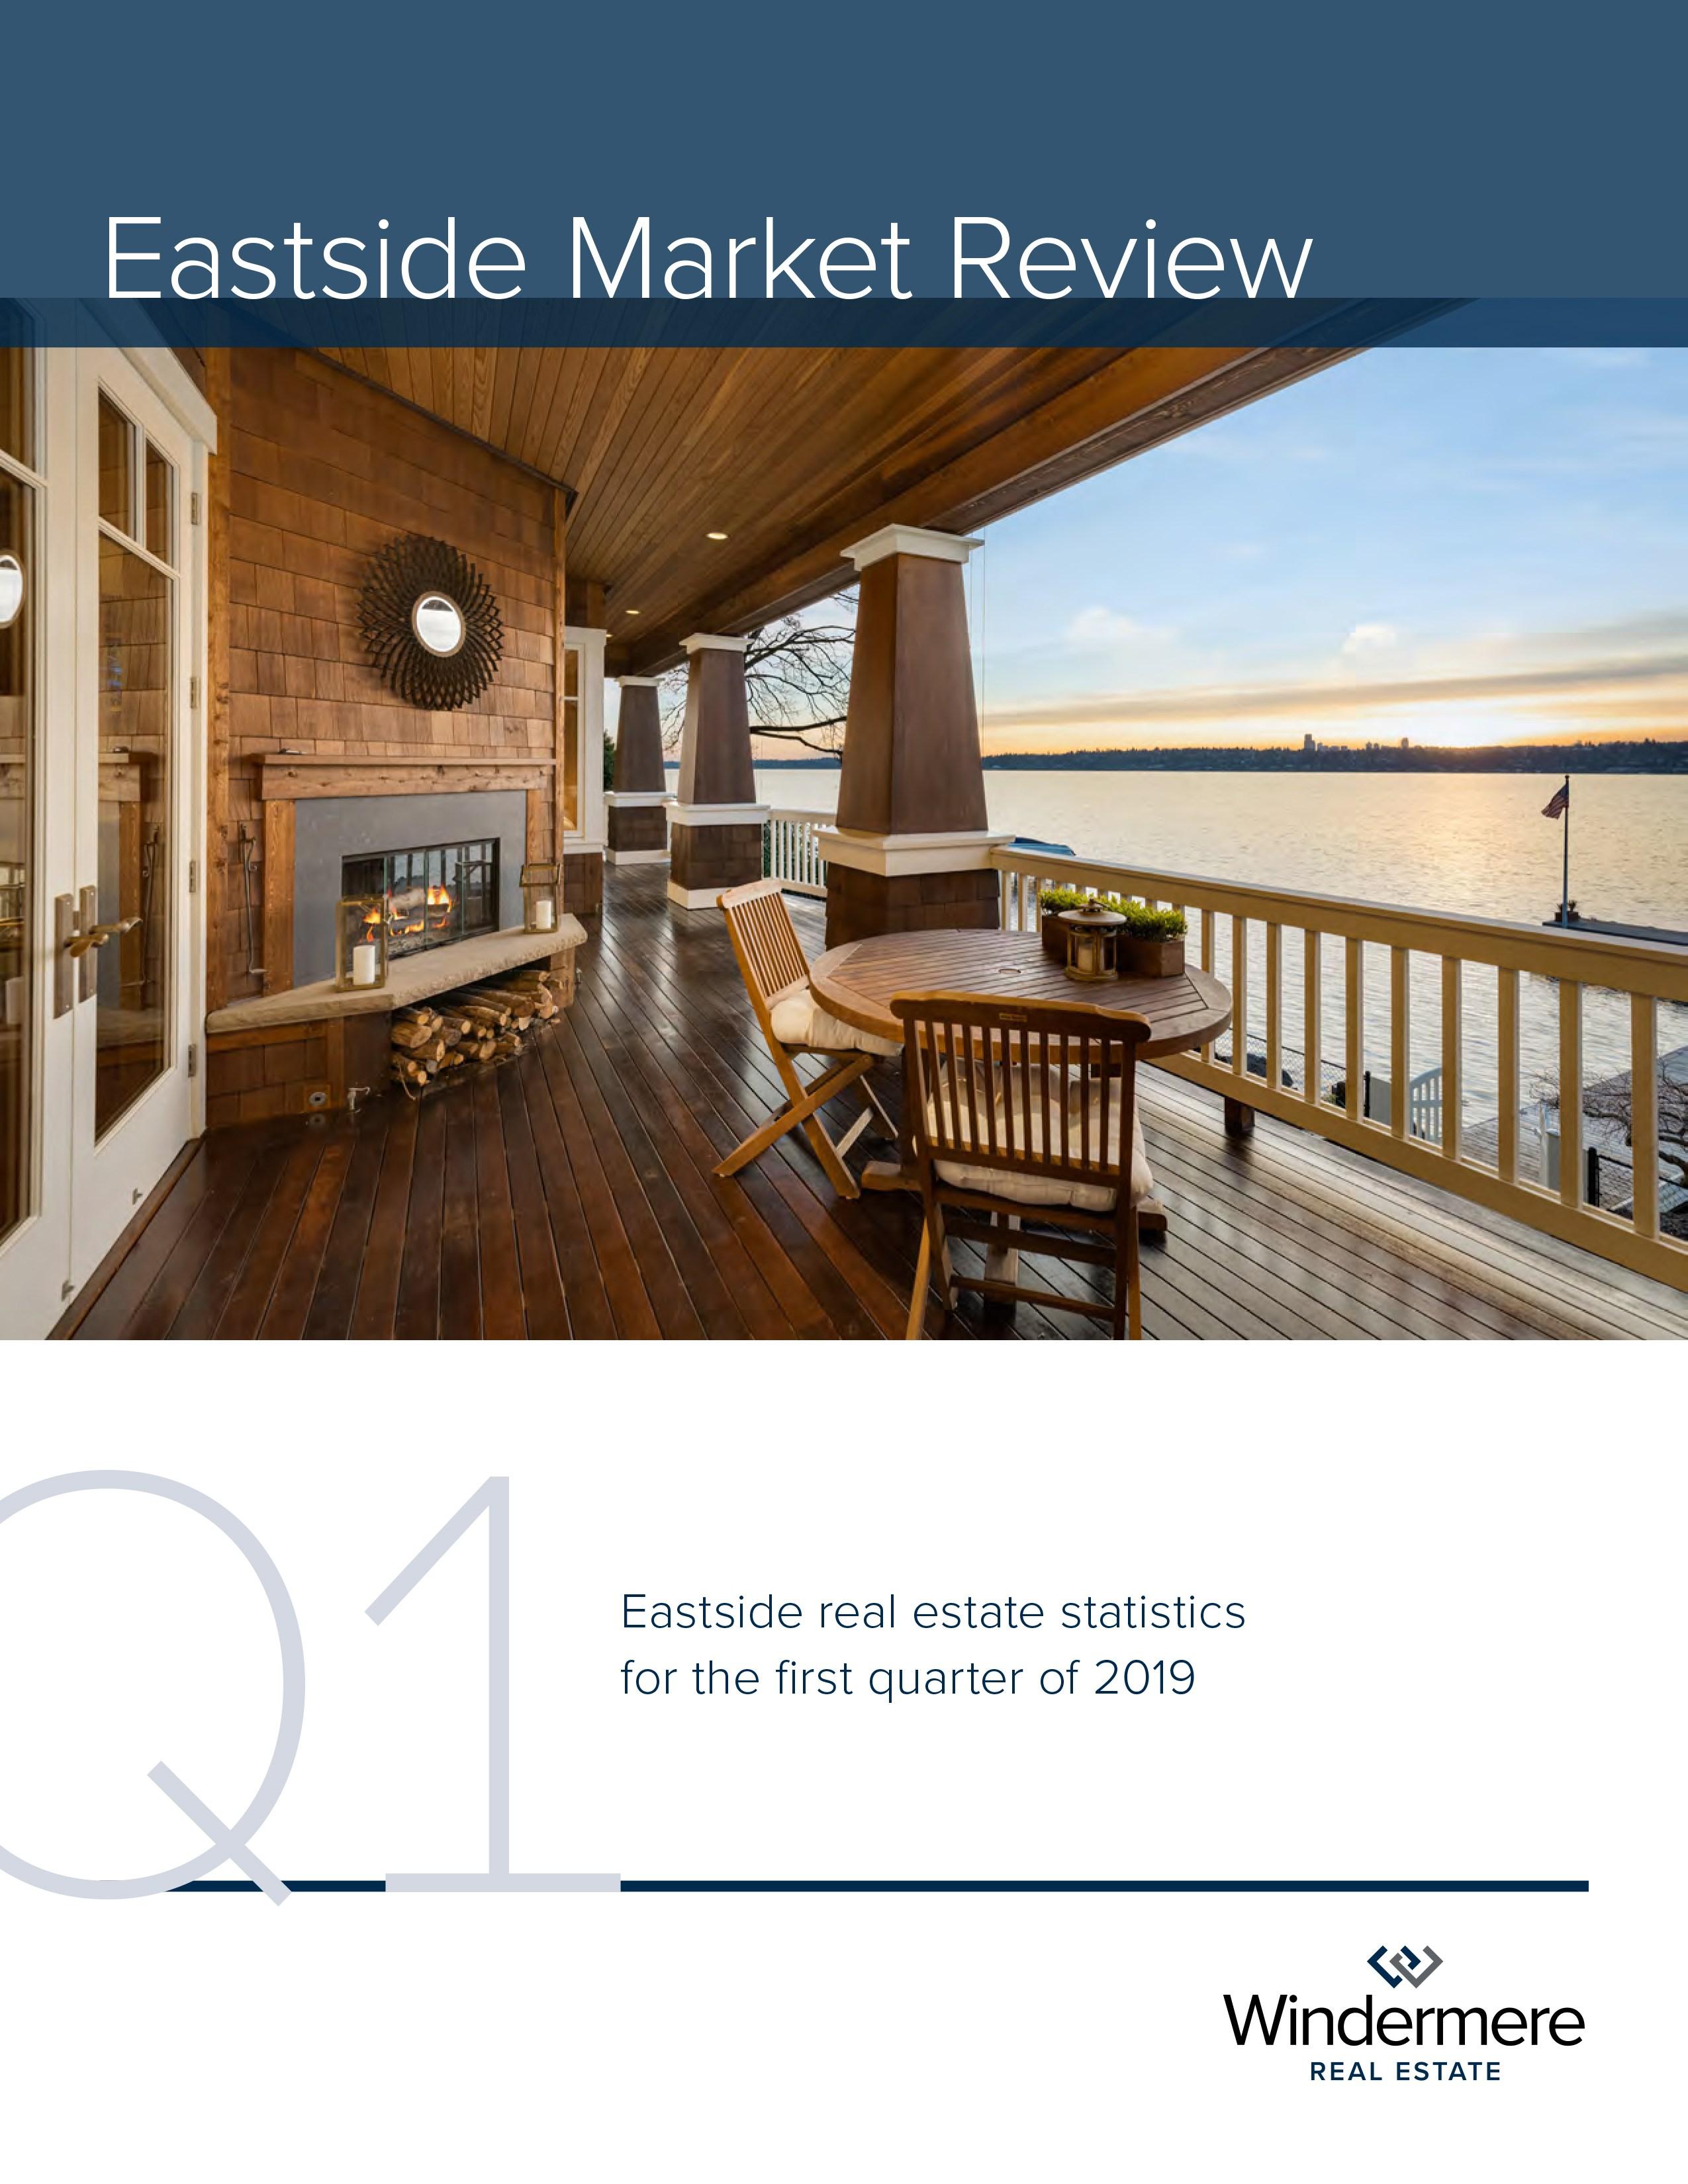 EastsideMarketReview_Q1_2019_COVER-1.jpg